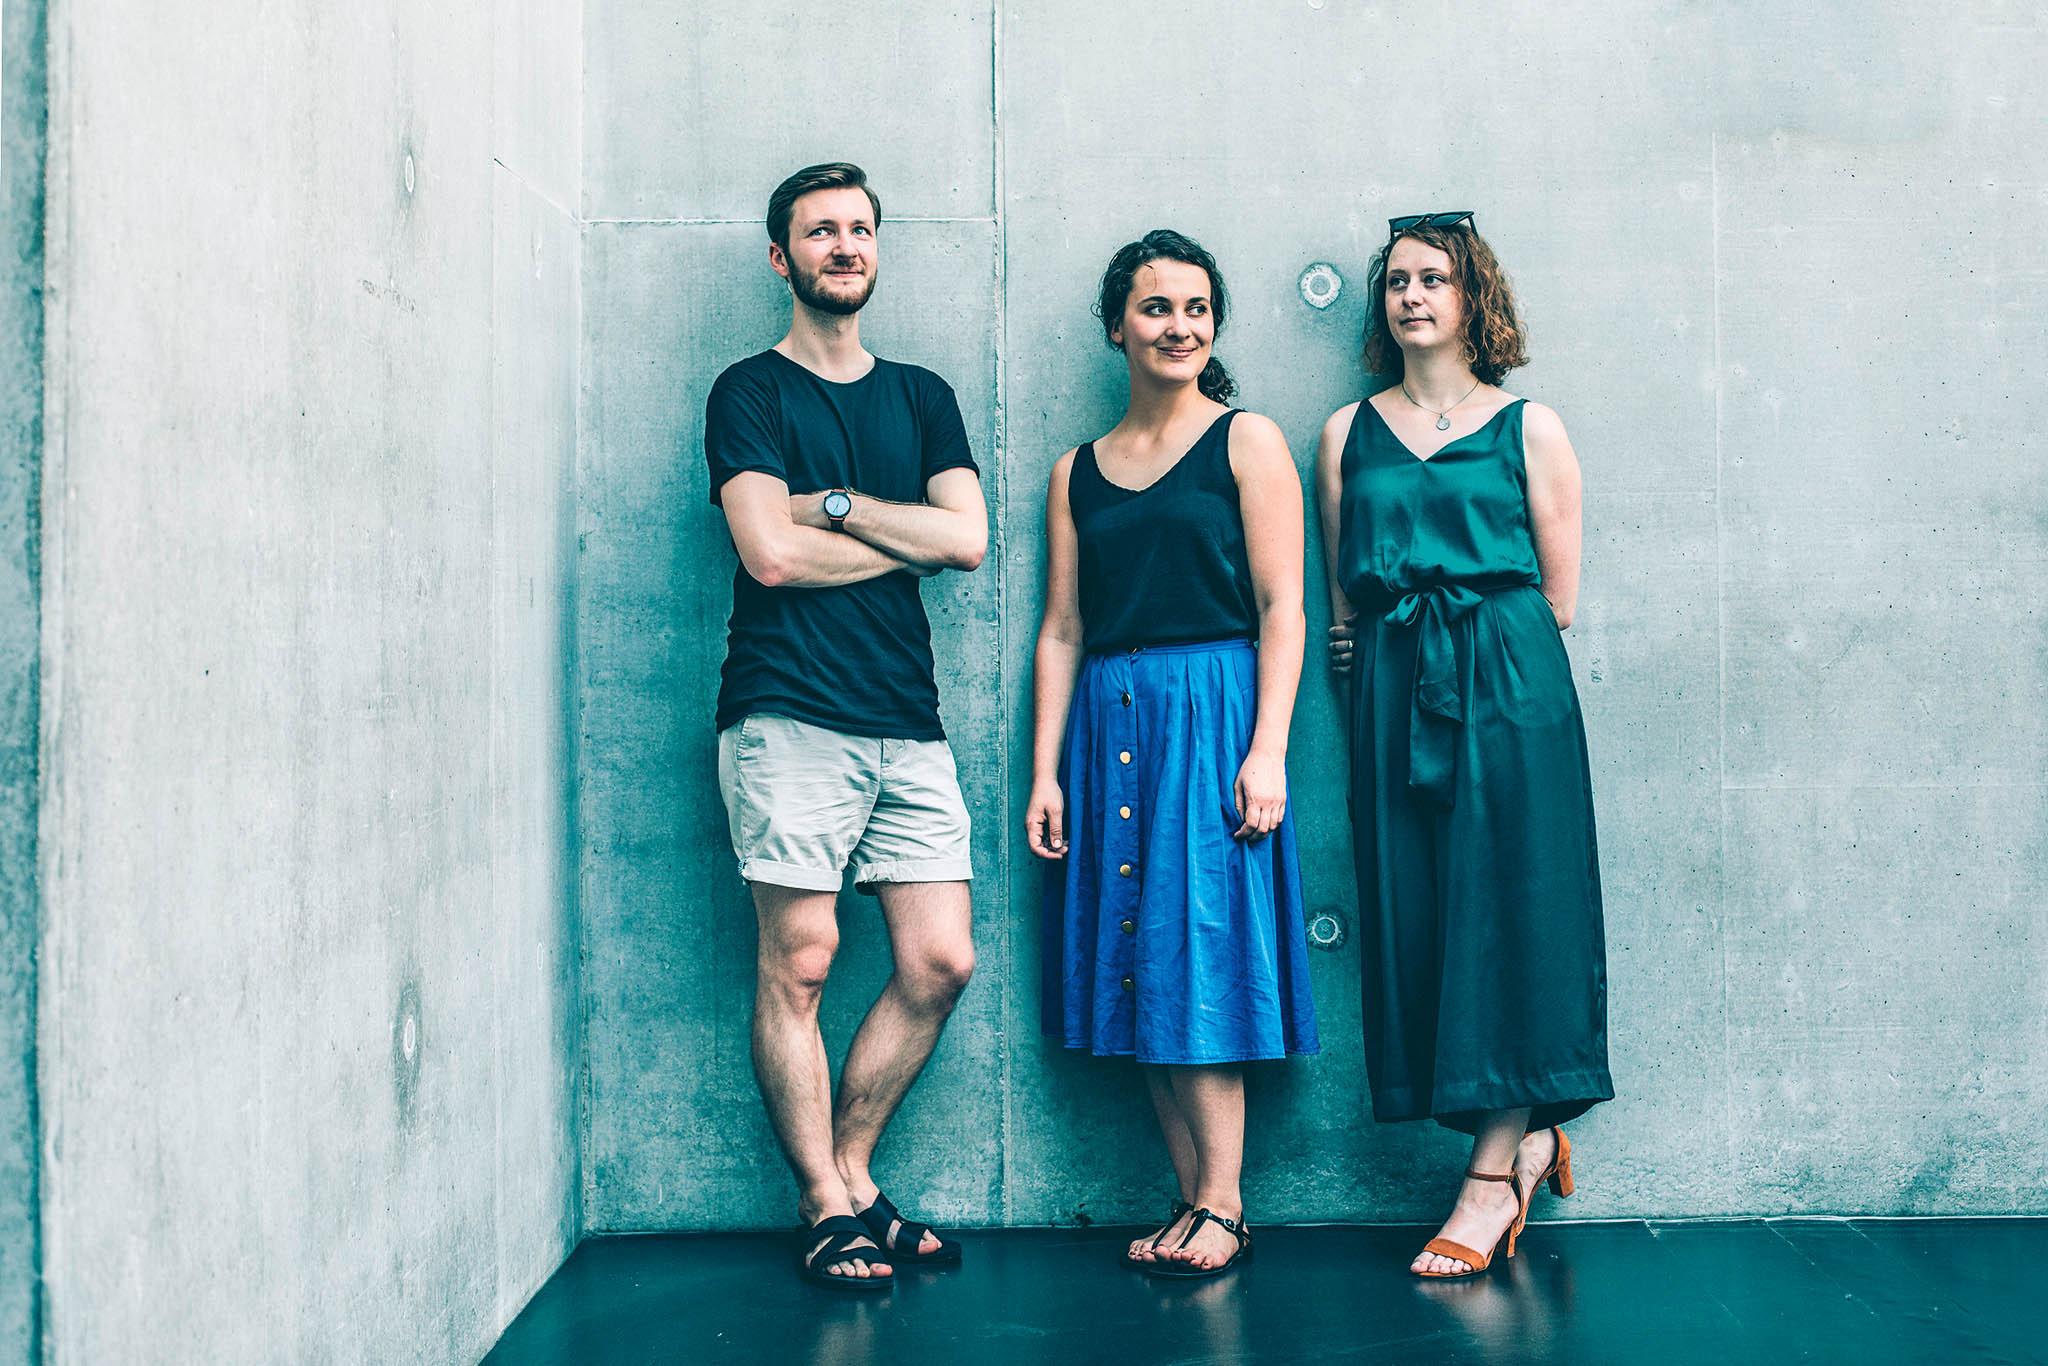 Trojice studentů architektury z ateliéru Hlaváček–Čeněk (Michael Košař, Veronika Tichá, Anna Blažková), kteří stojí za projekty nových krkonošských útulen.